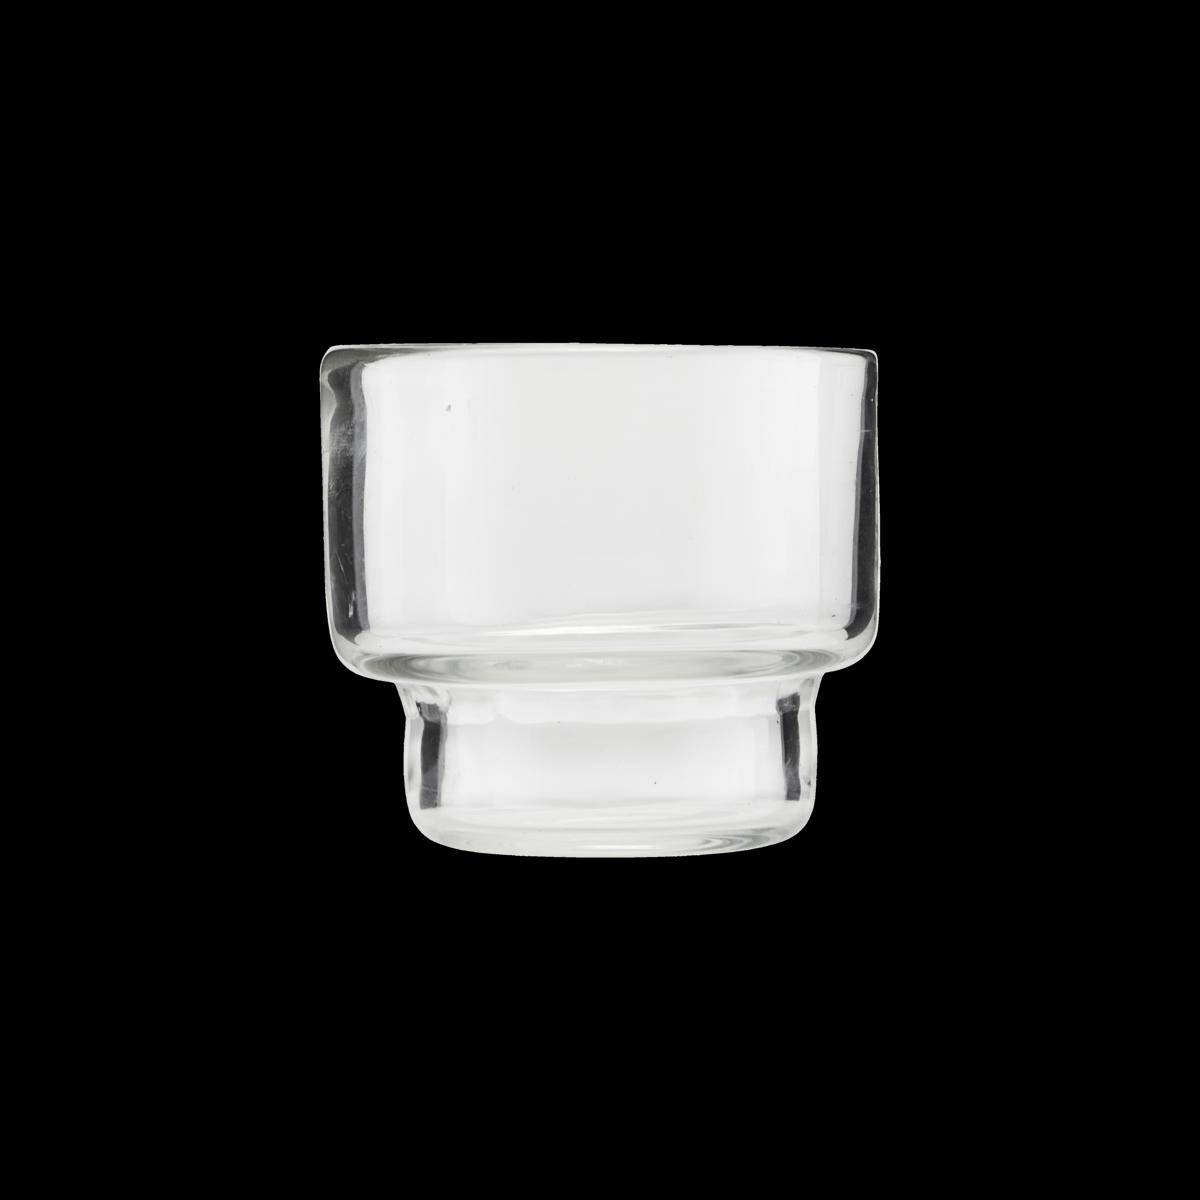 Sada 3 ks − Priehľadný stojan na čajovú sviečku Mute